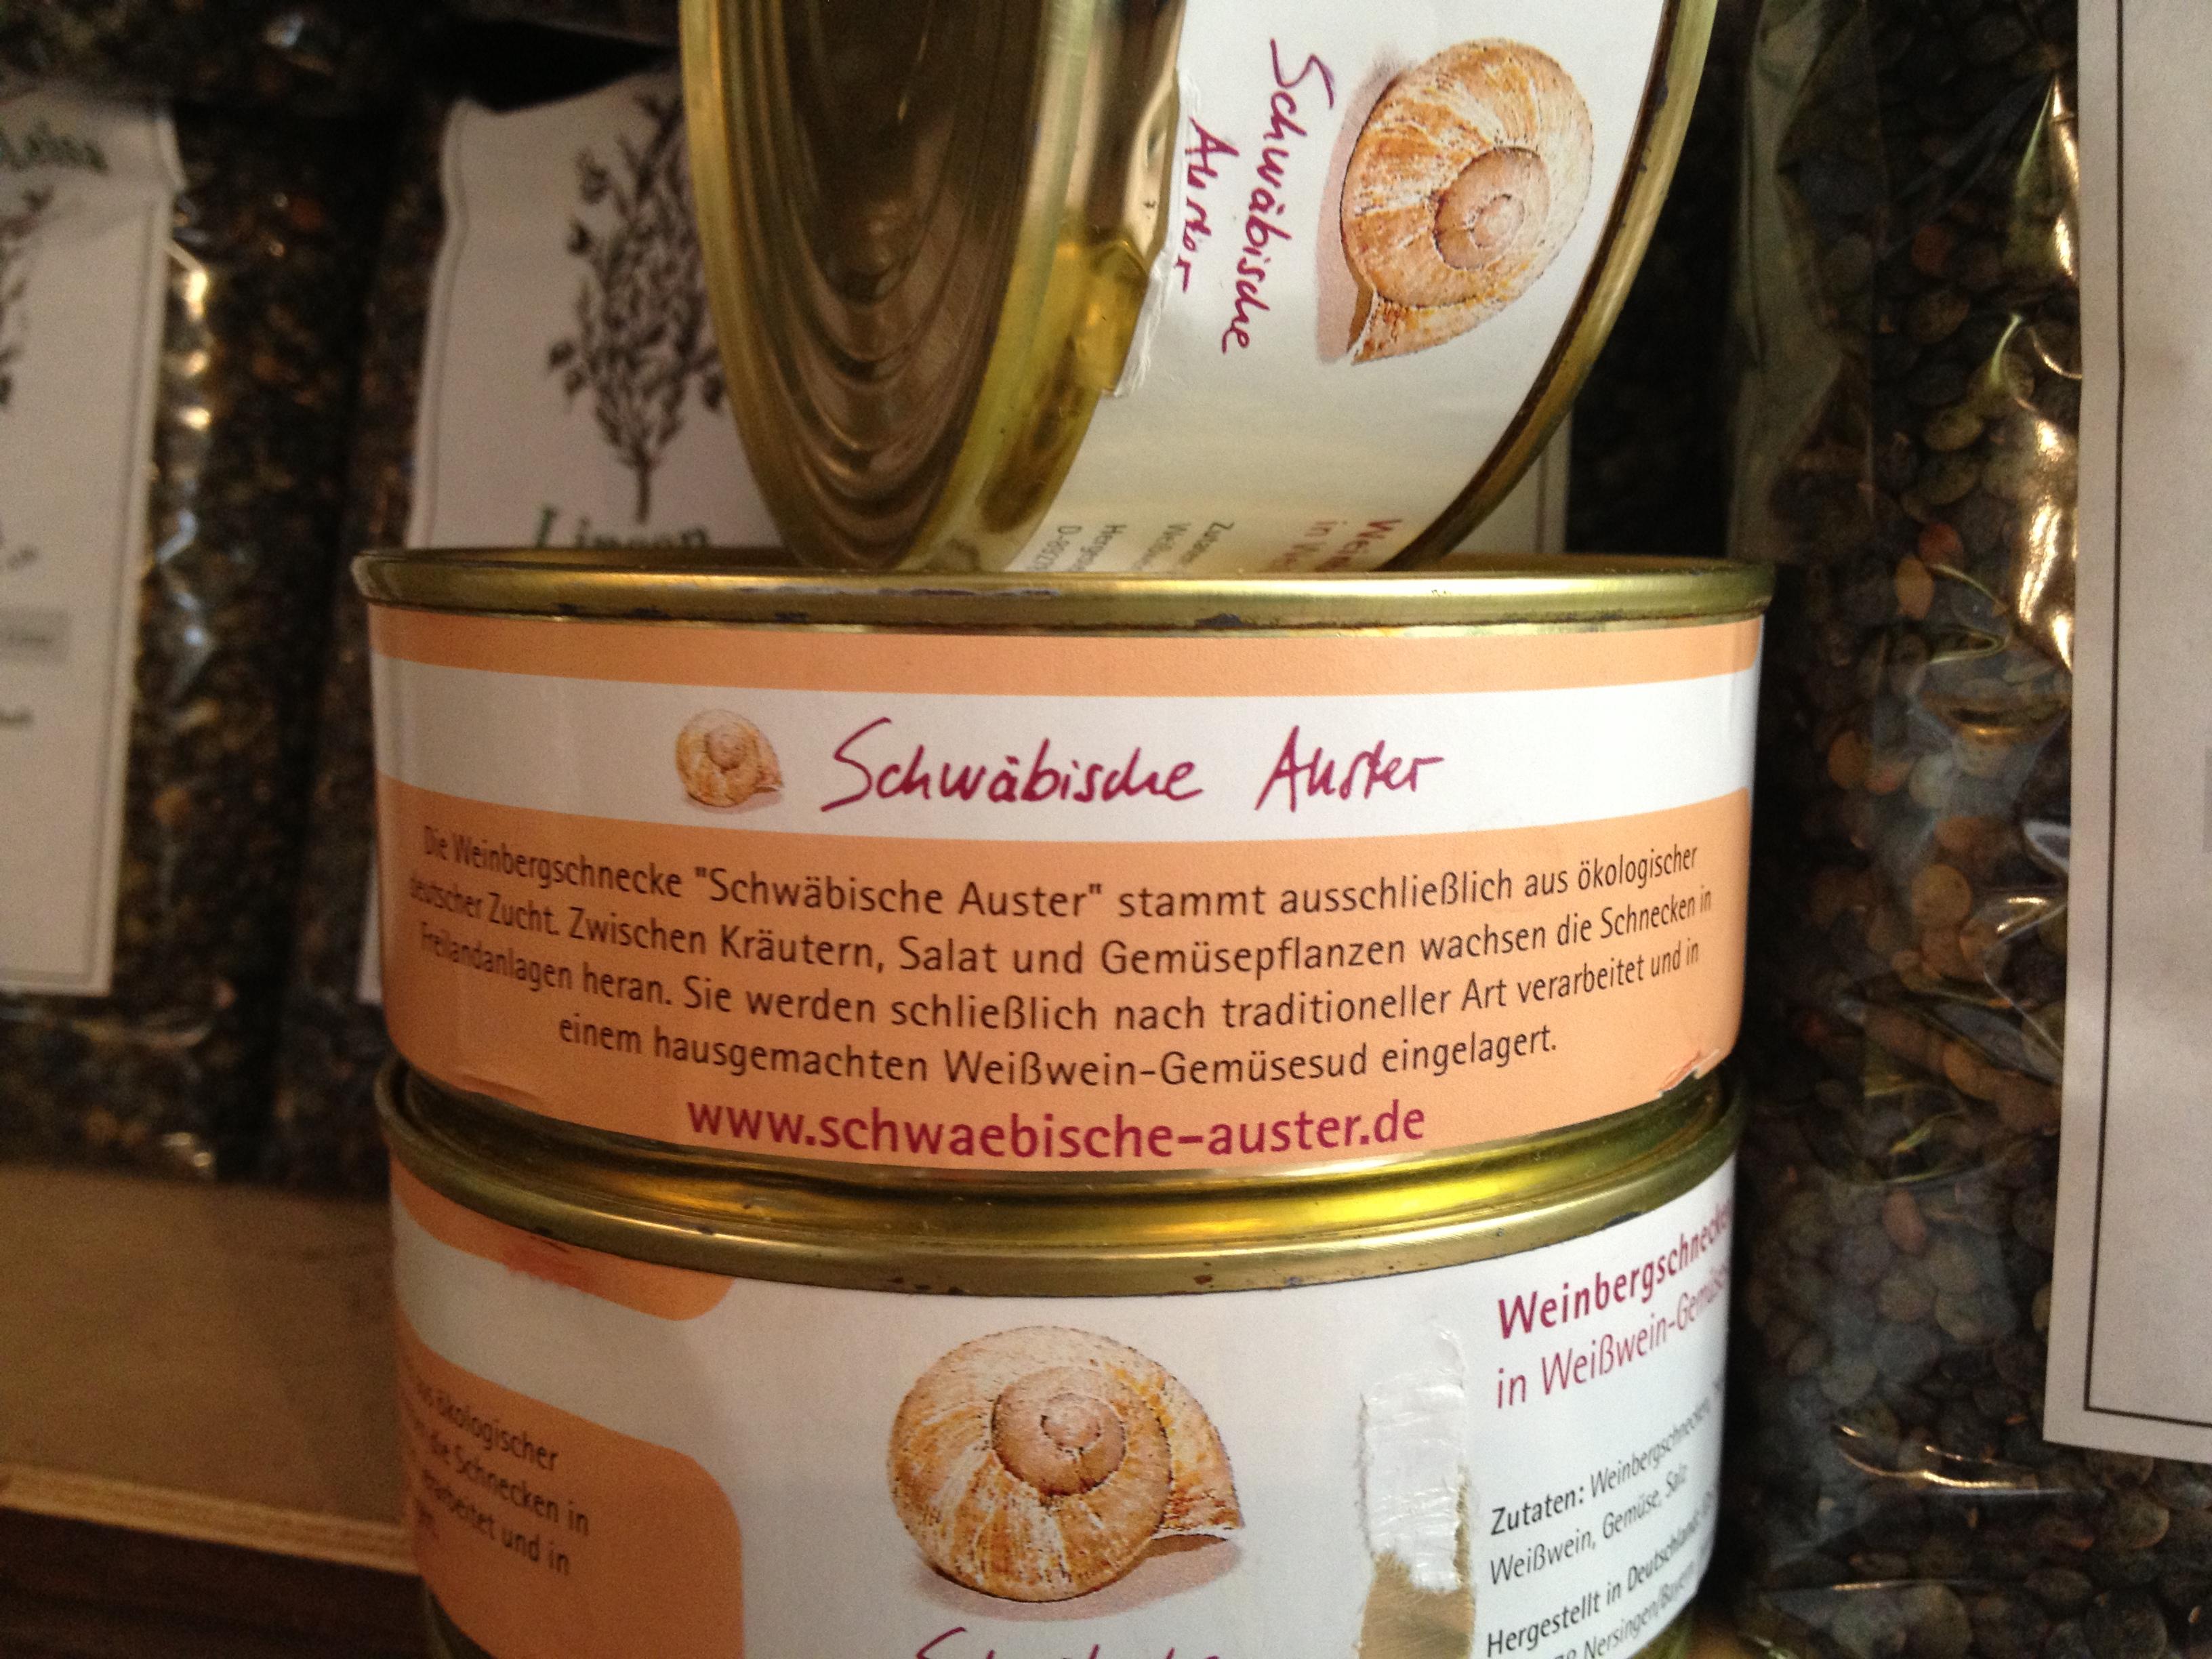 Schwäbische Austern im Weißwein-Gemüsesud